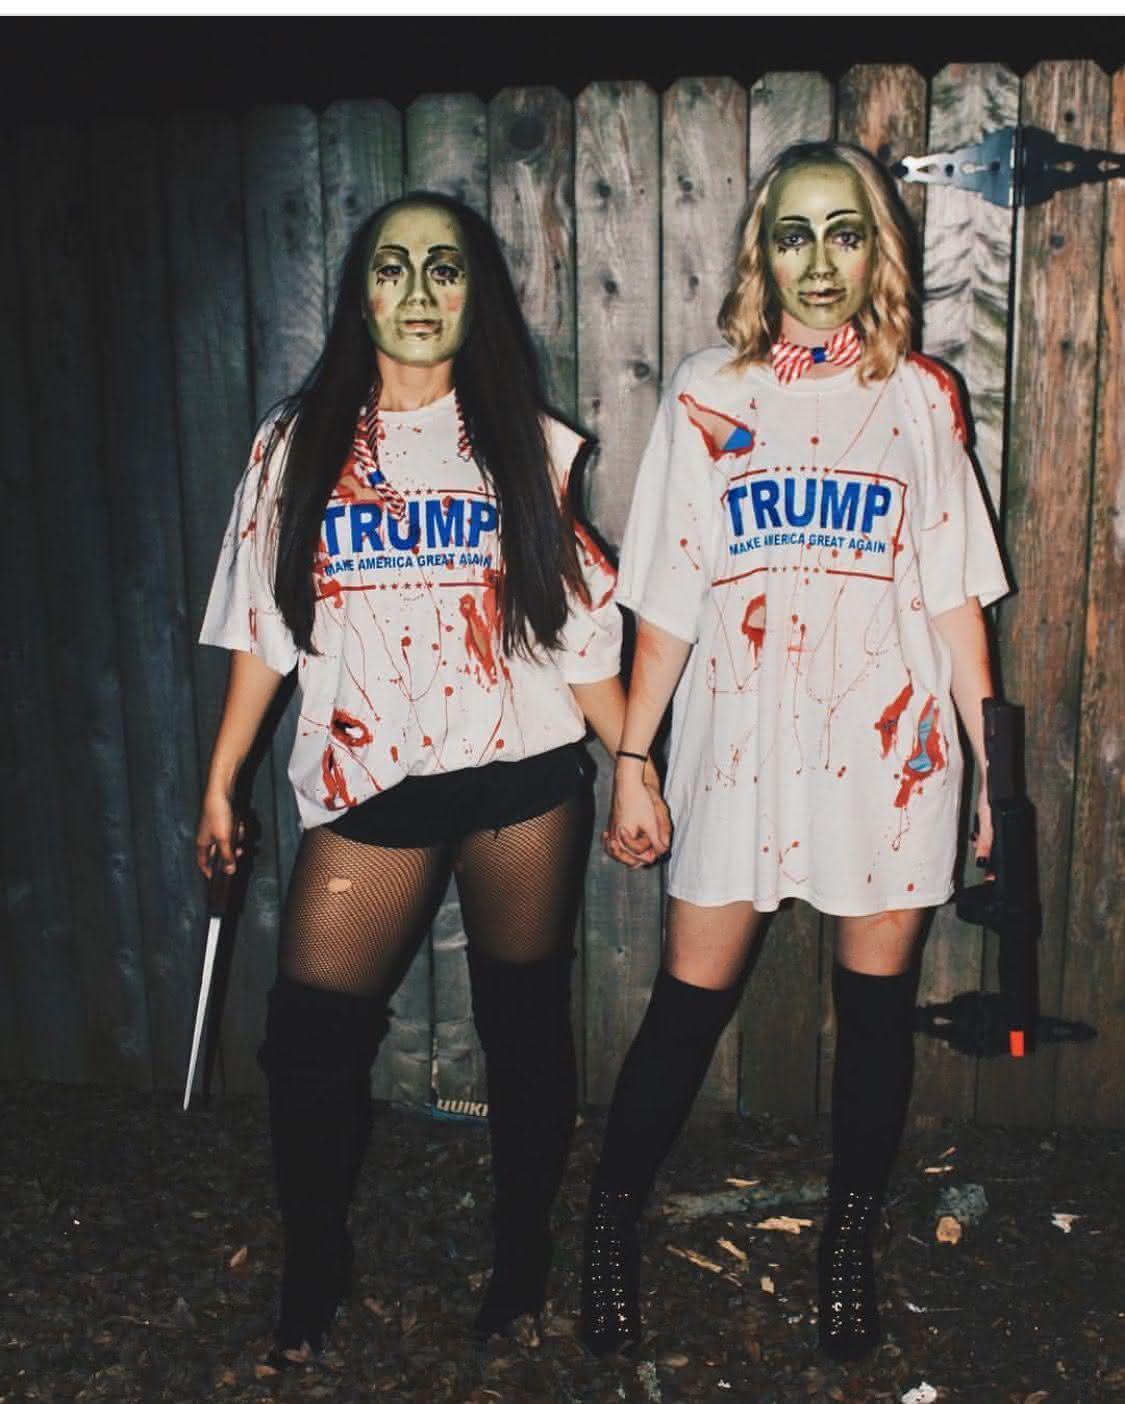 Fantasias Para Halloween Femininas 70 Ideias Criativas Dicas E Fotos